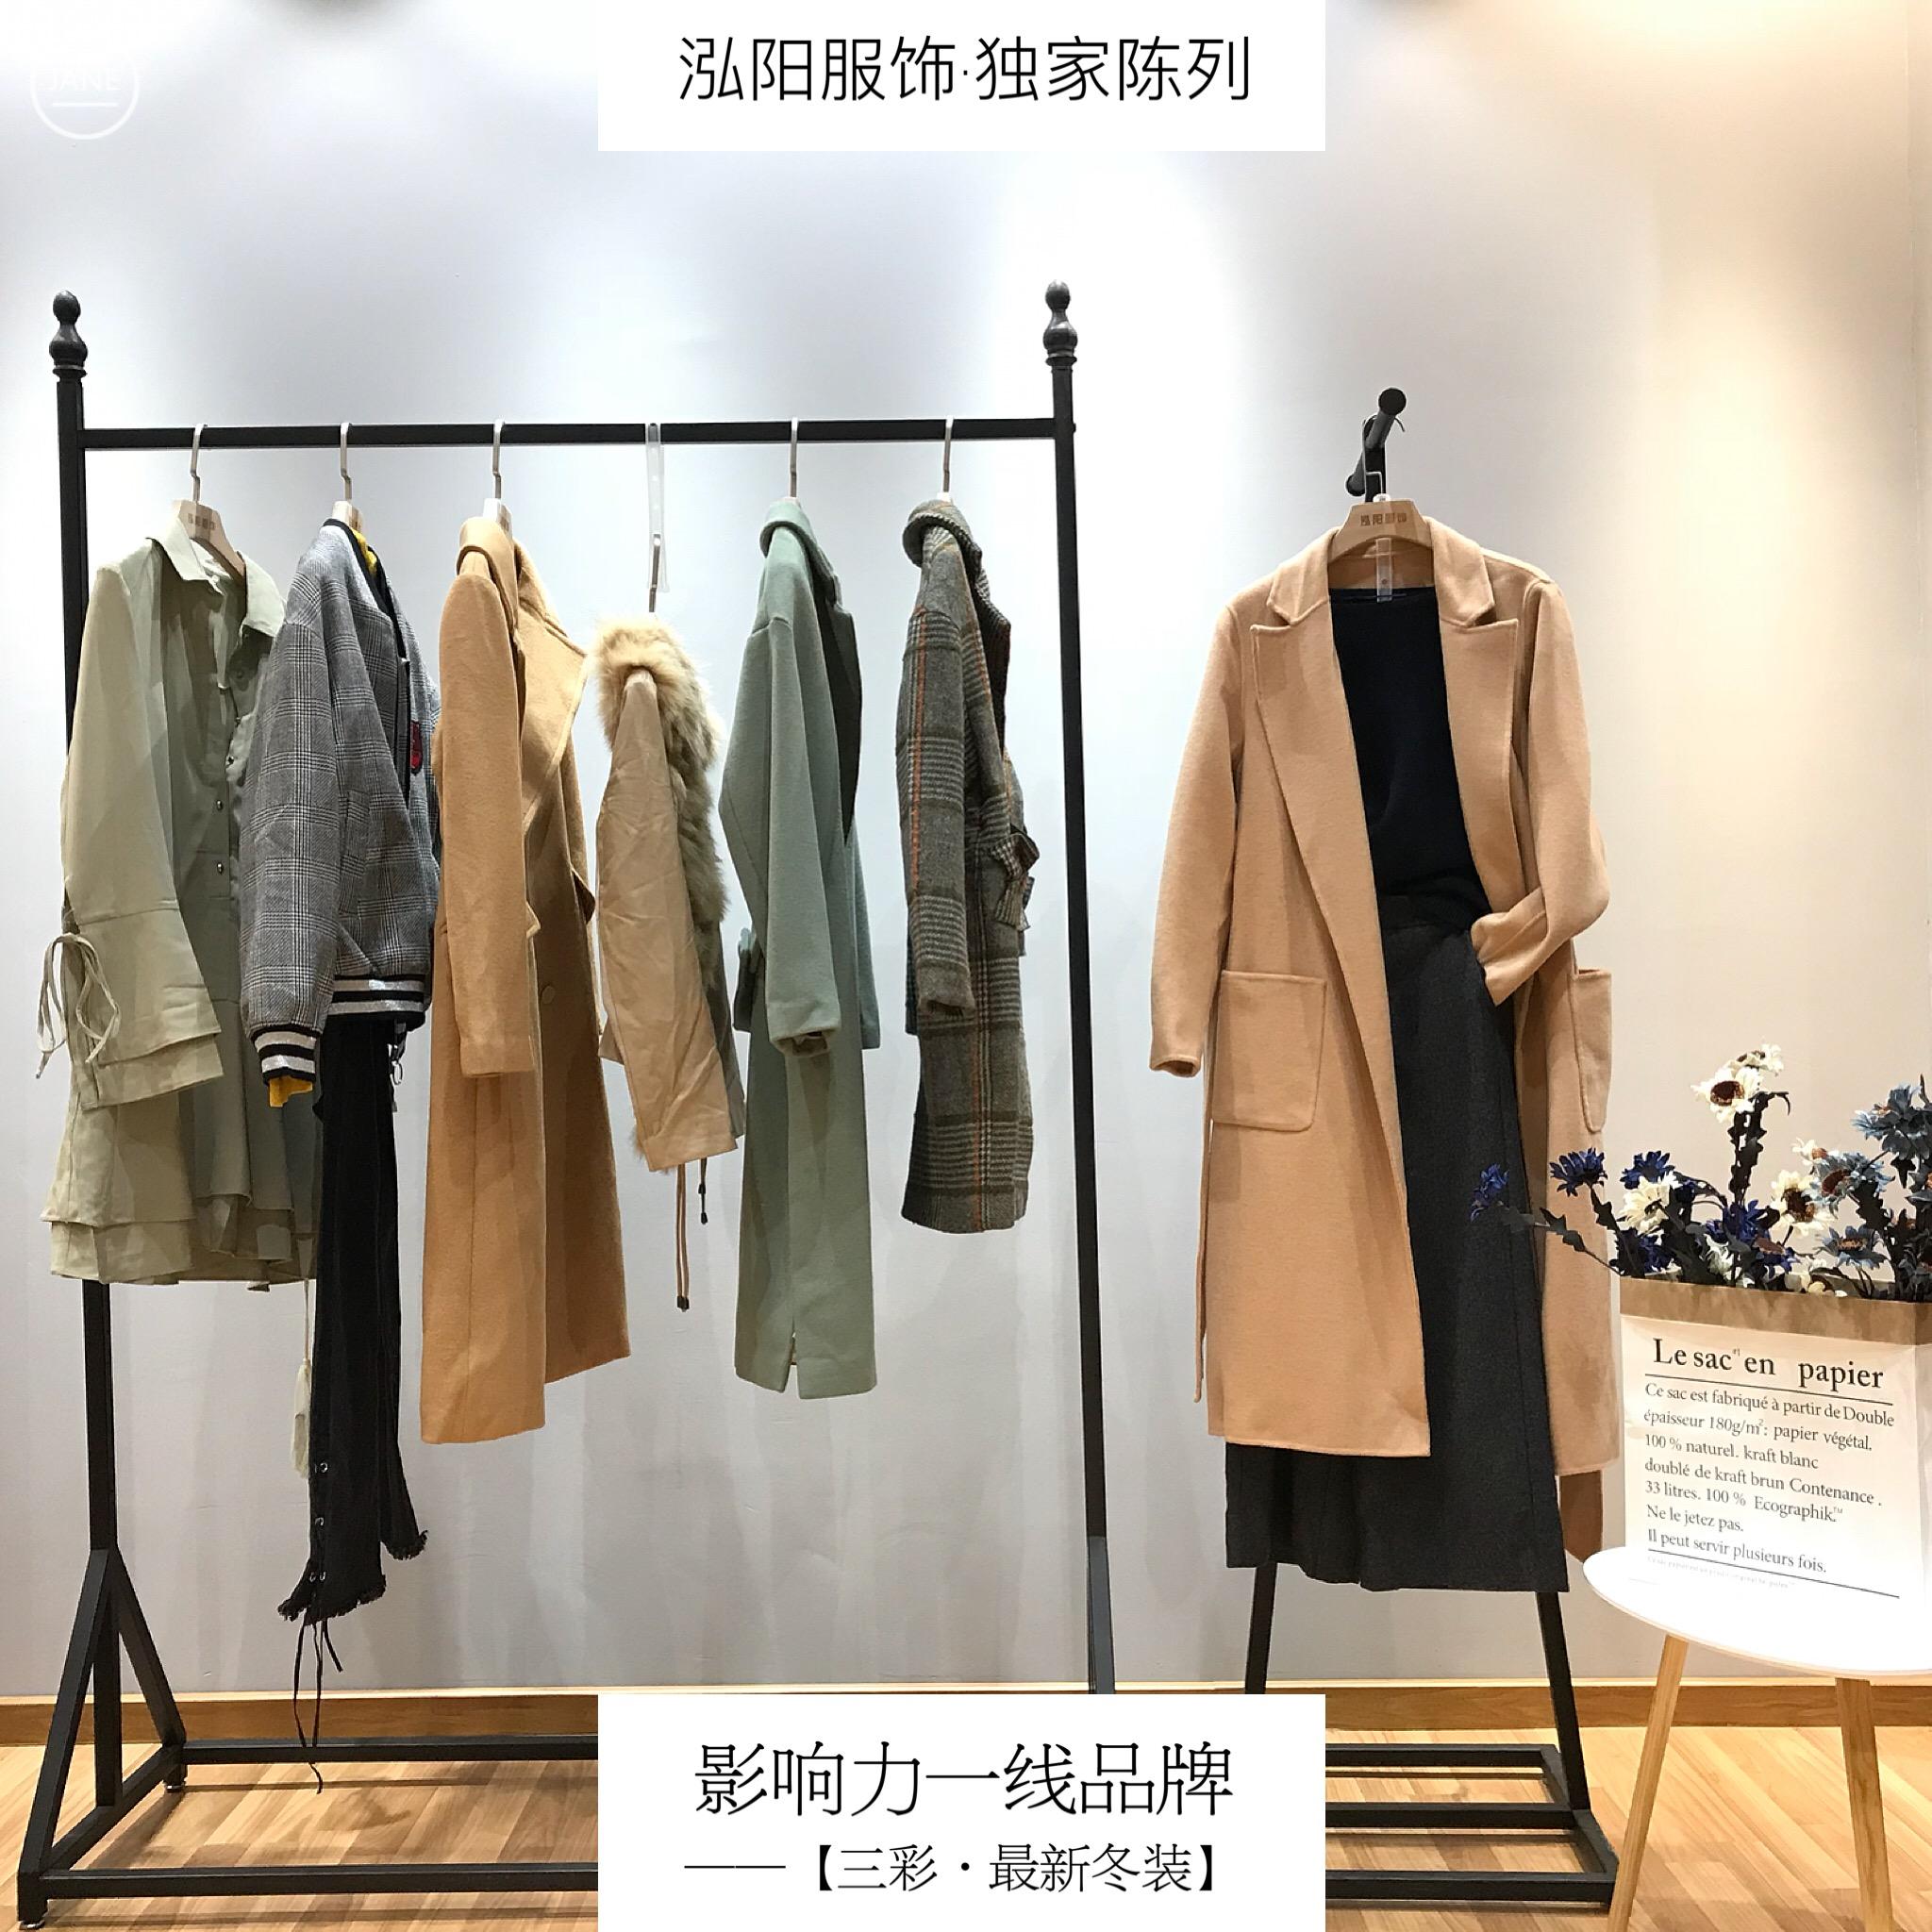 三彩品牌羽绒服秋冬女装品牌折扣货源批发